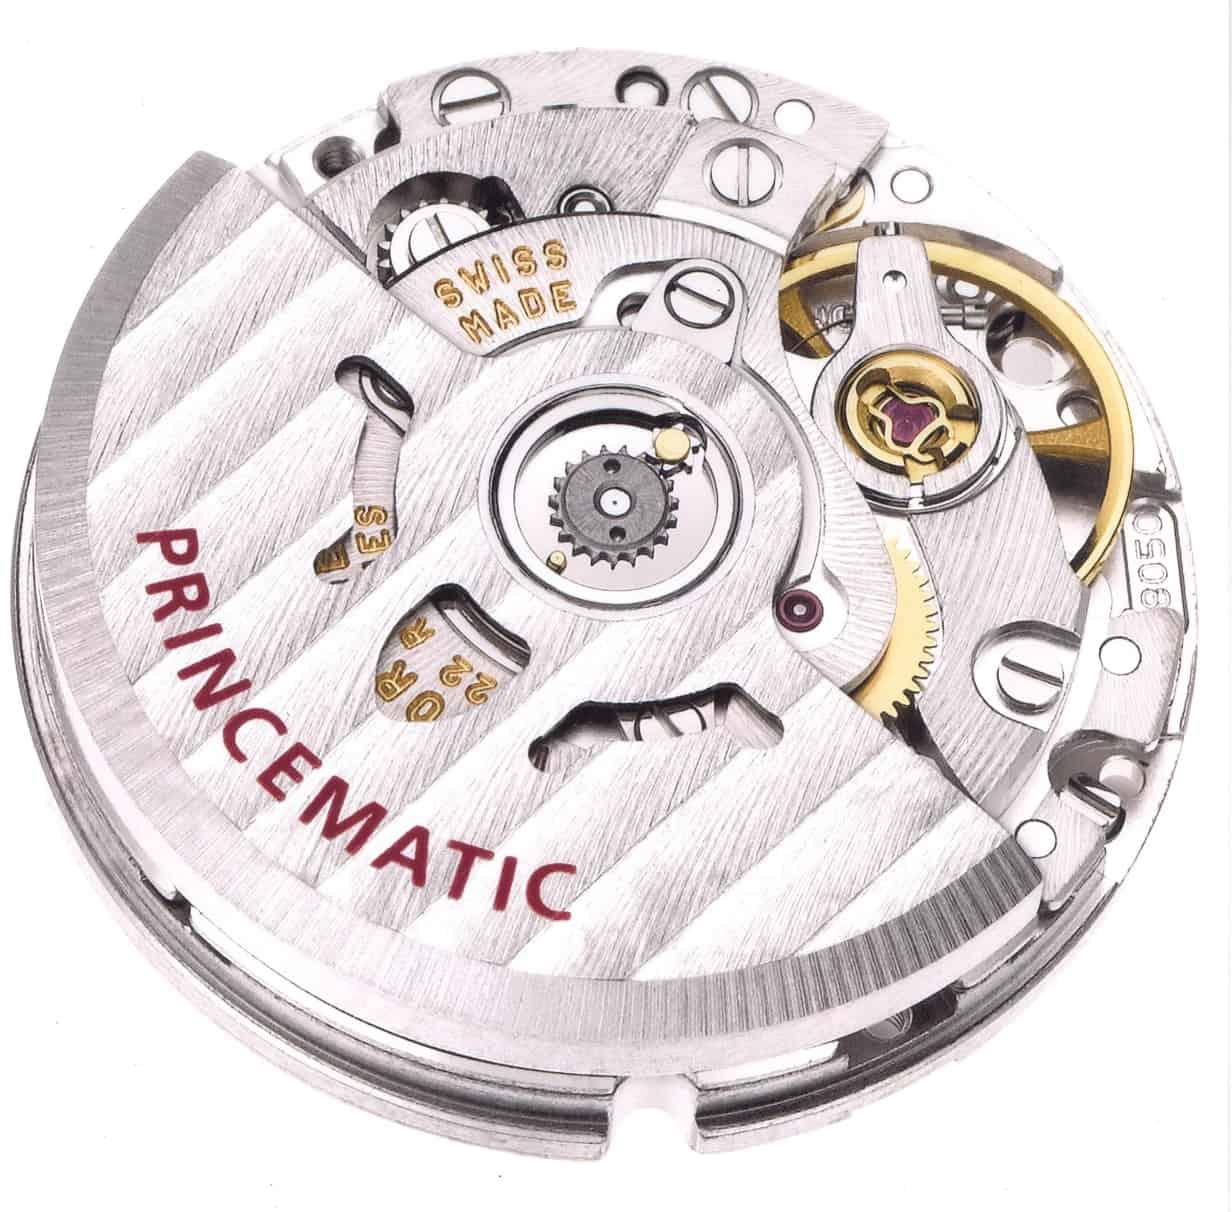 Das kleinere Kaliber T 8000 Princematic wurde insbesondere für Damenmodelle entwickelt